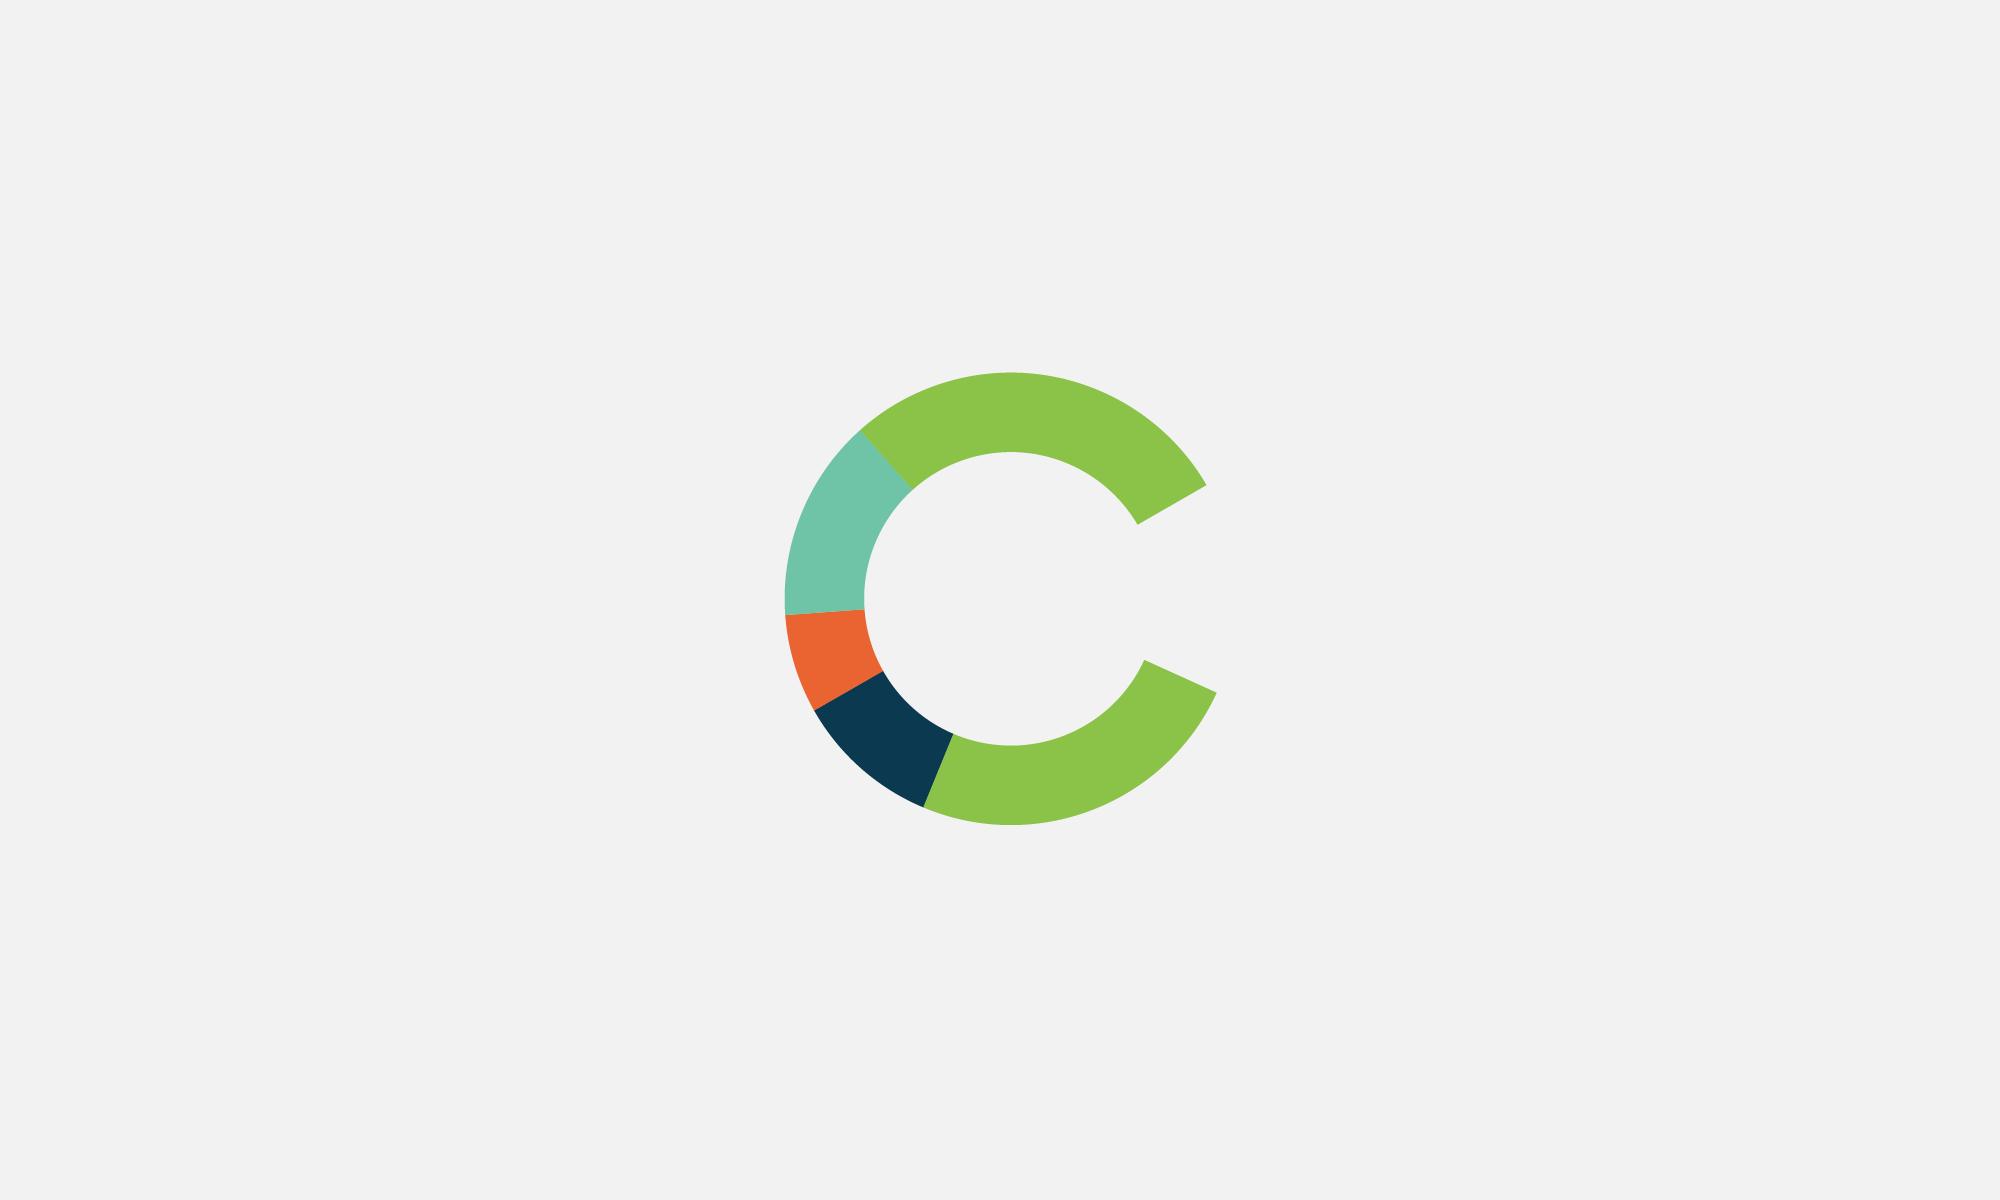 2-logo.png